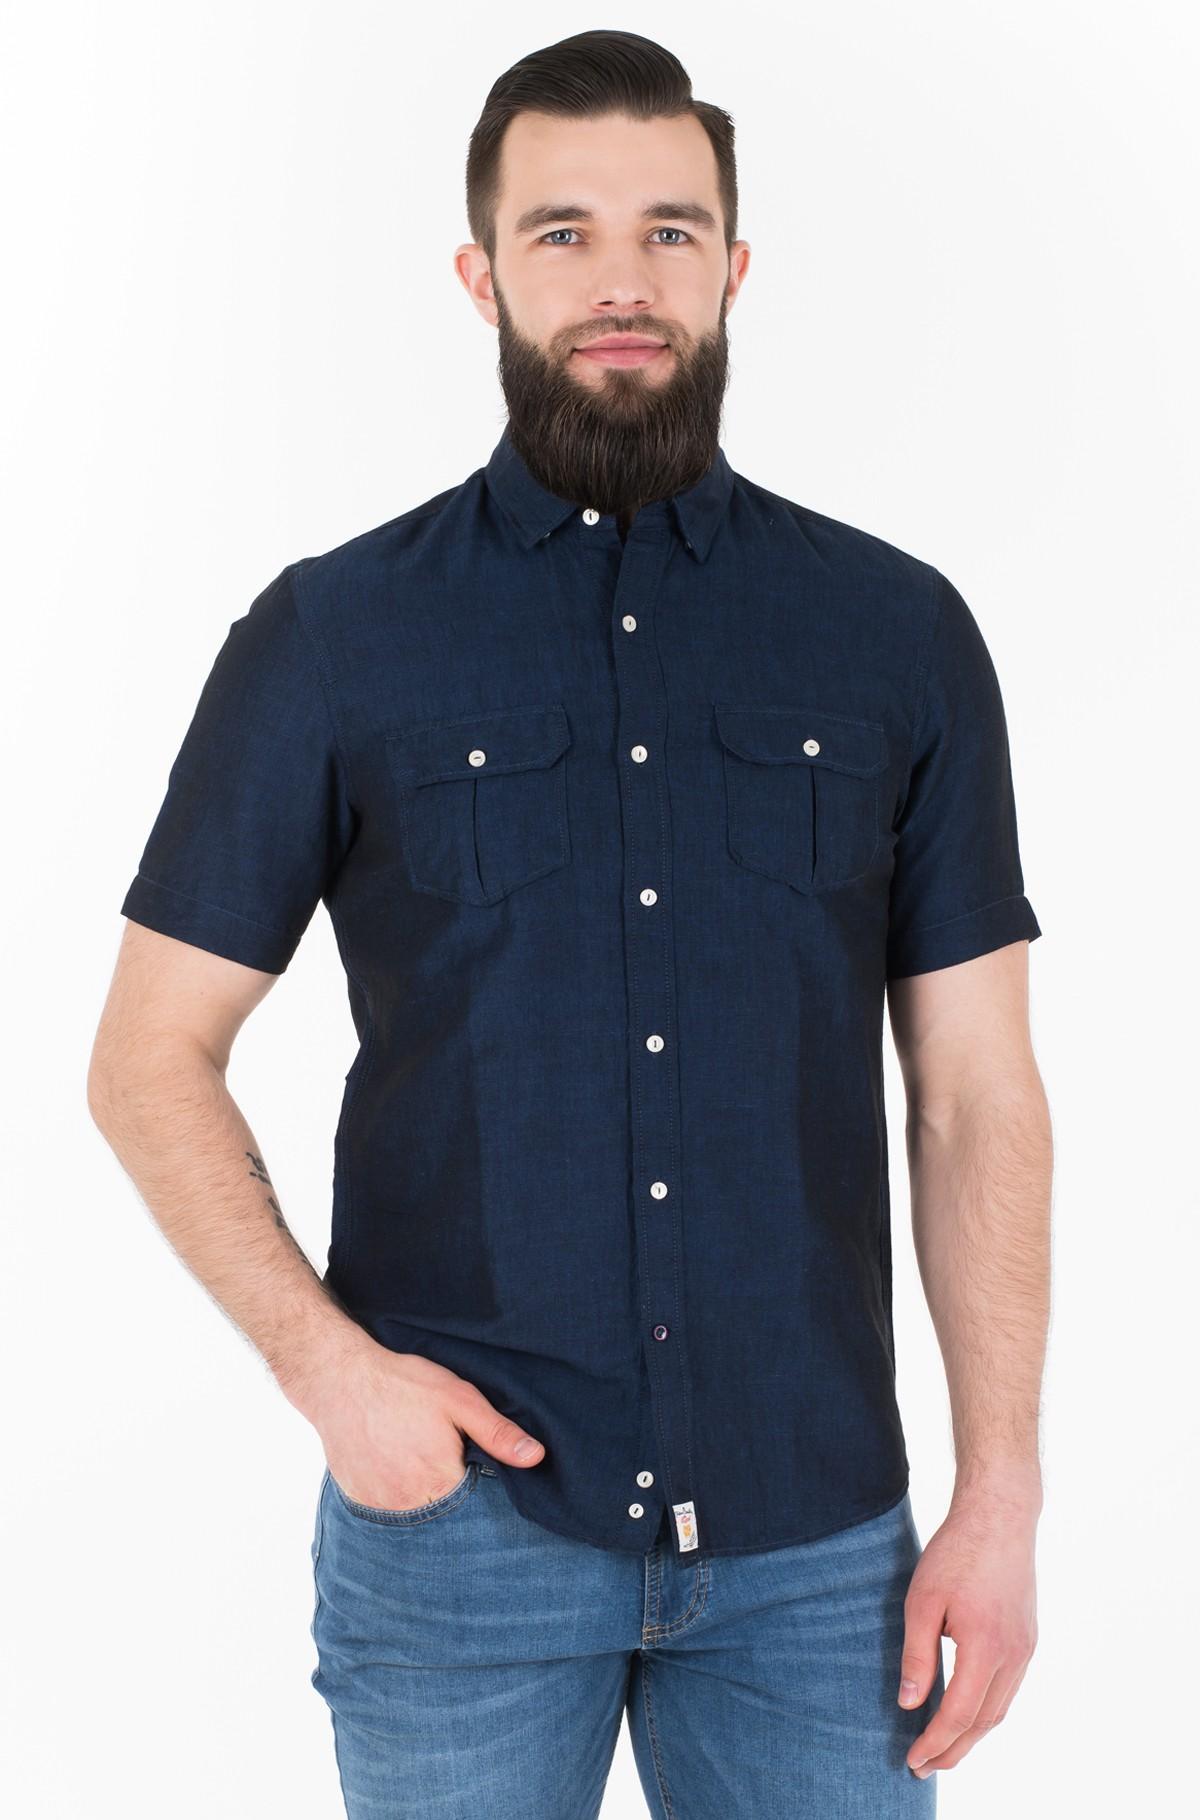 Short sleeve shirt 52200-26718-full-1